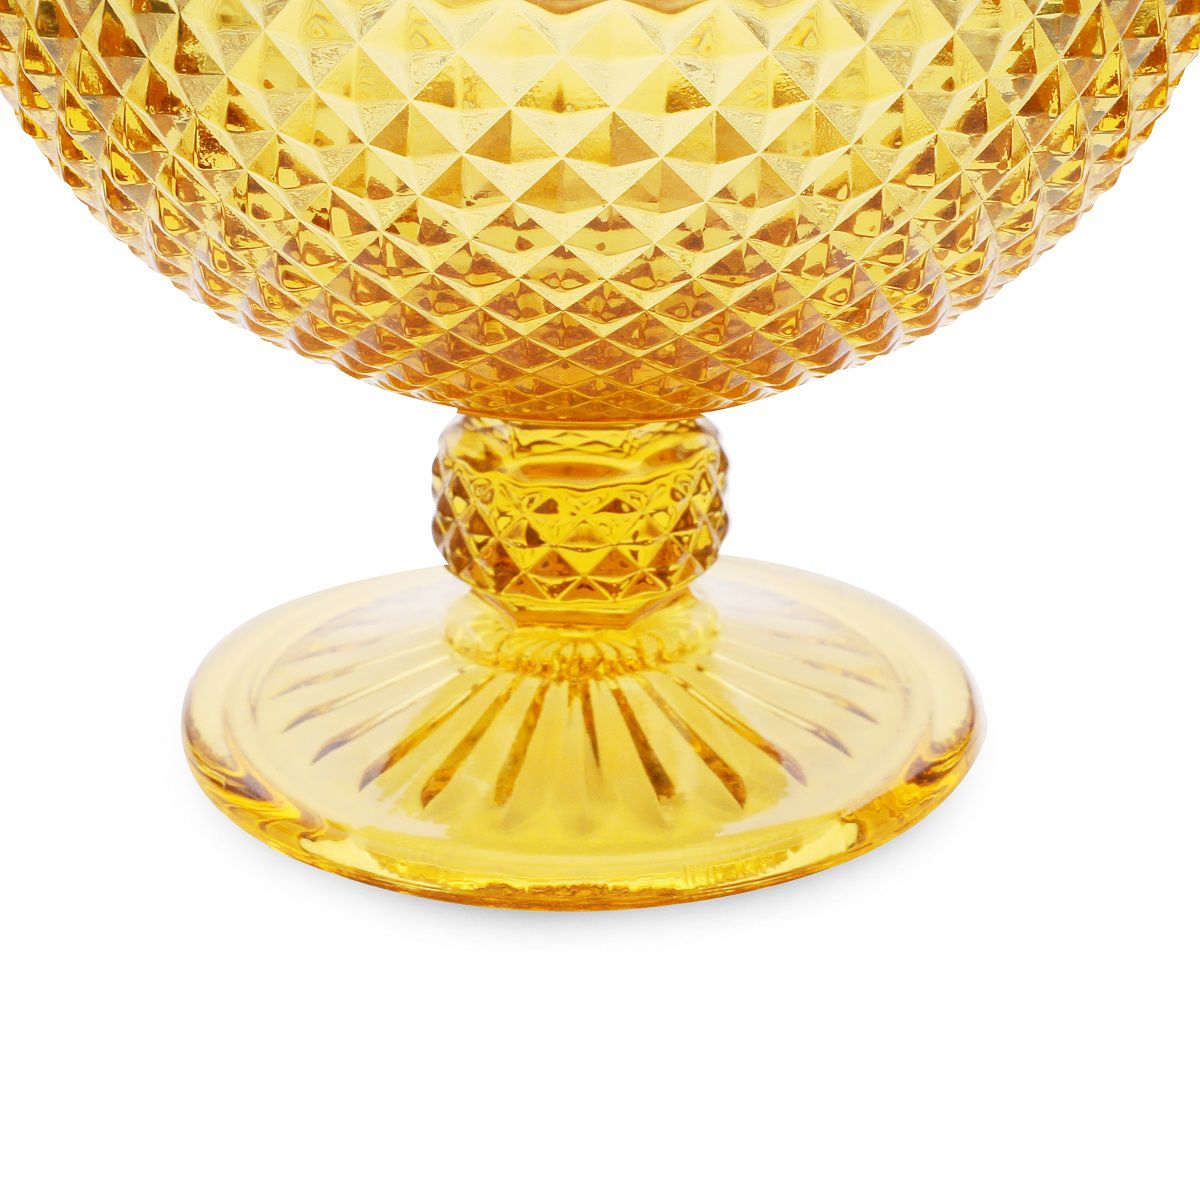 Conjunto de Taças p/ Sobremesa Bico de Jaca Bon Gourmet em Vidro Âmbar 25876 - 6 Peças